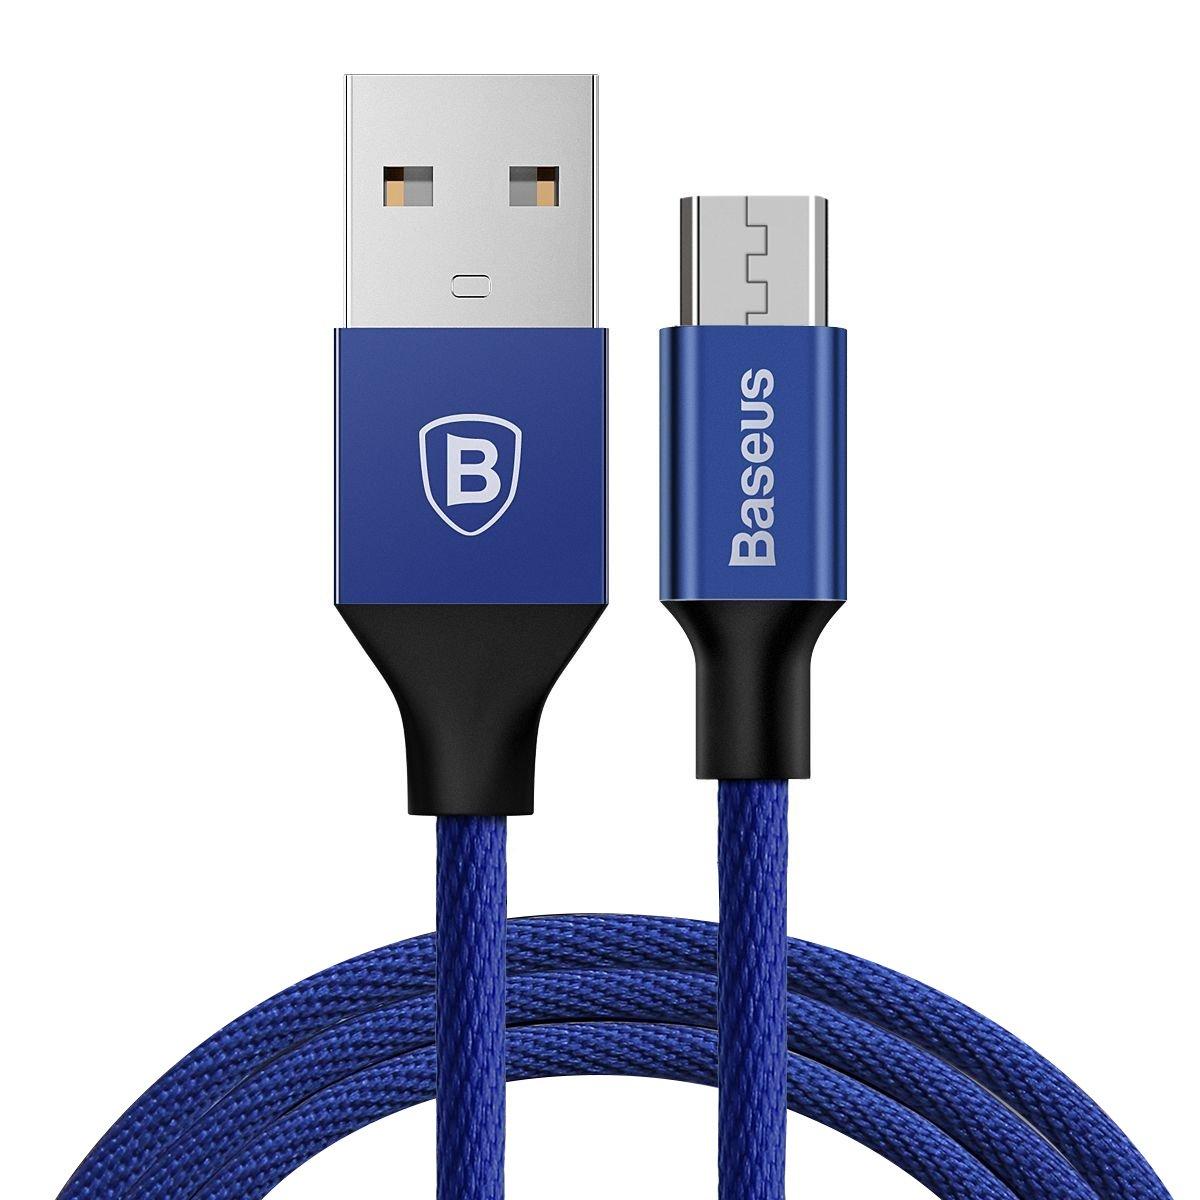 Cáp sạc điện thoại Baseus Yiven Micro USB, bọc dù, dài 1.5m